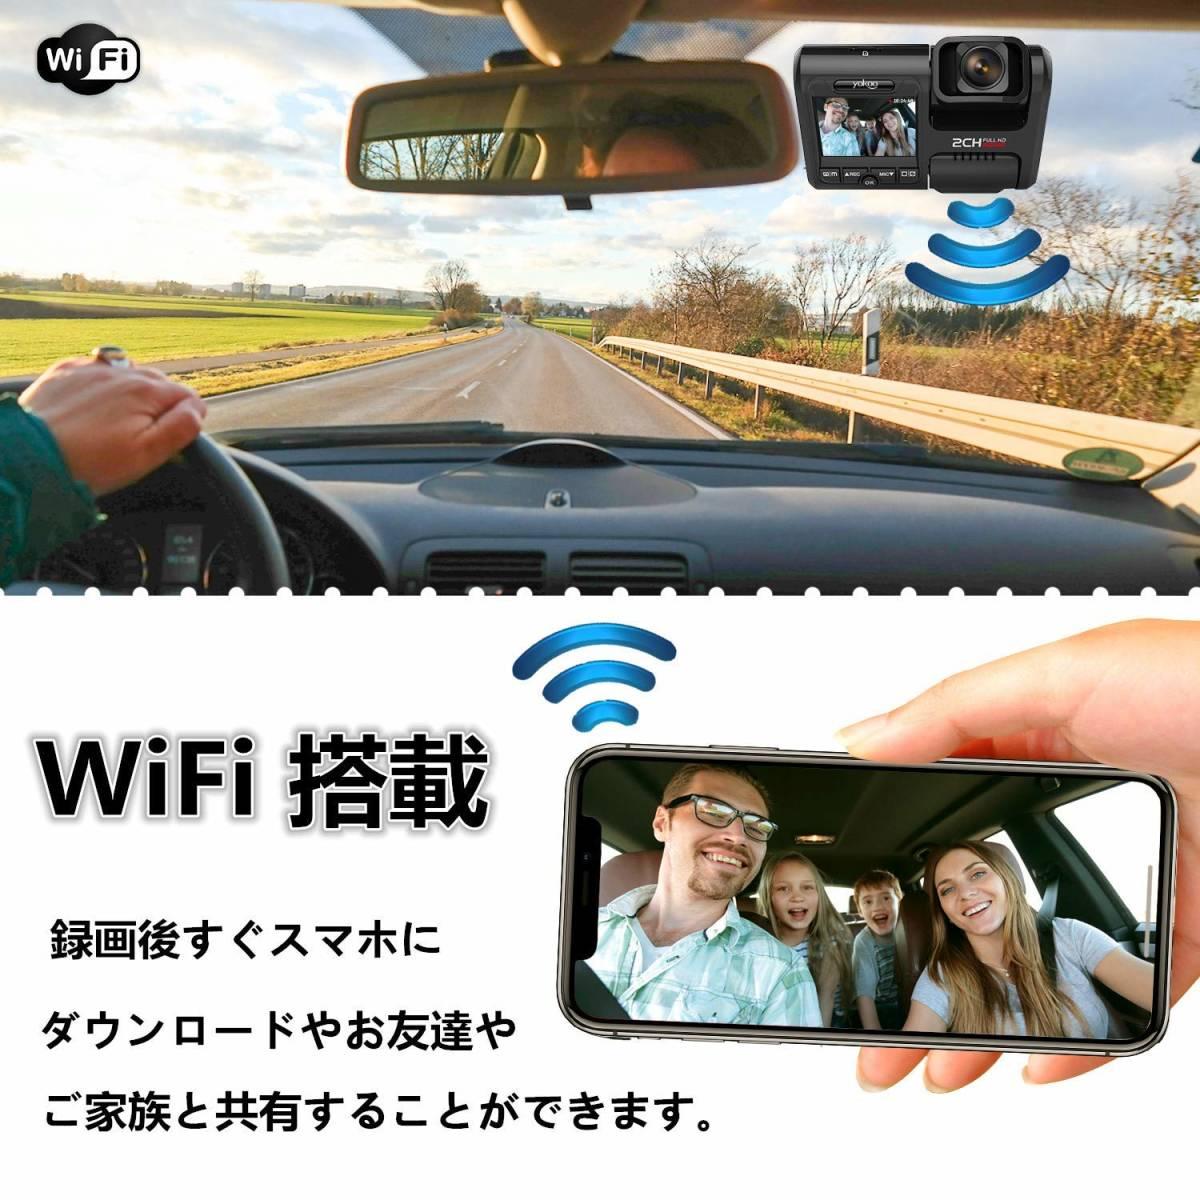 新品未使用 【32Gカード付き】ドライブレコーダー 前後カメラ 1080PフルHD wifi搭載 内蔵GPS sonyセンサー 1200万画素_画像7